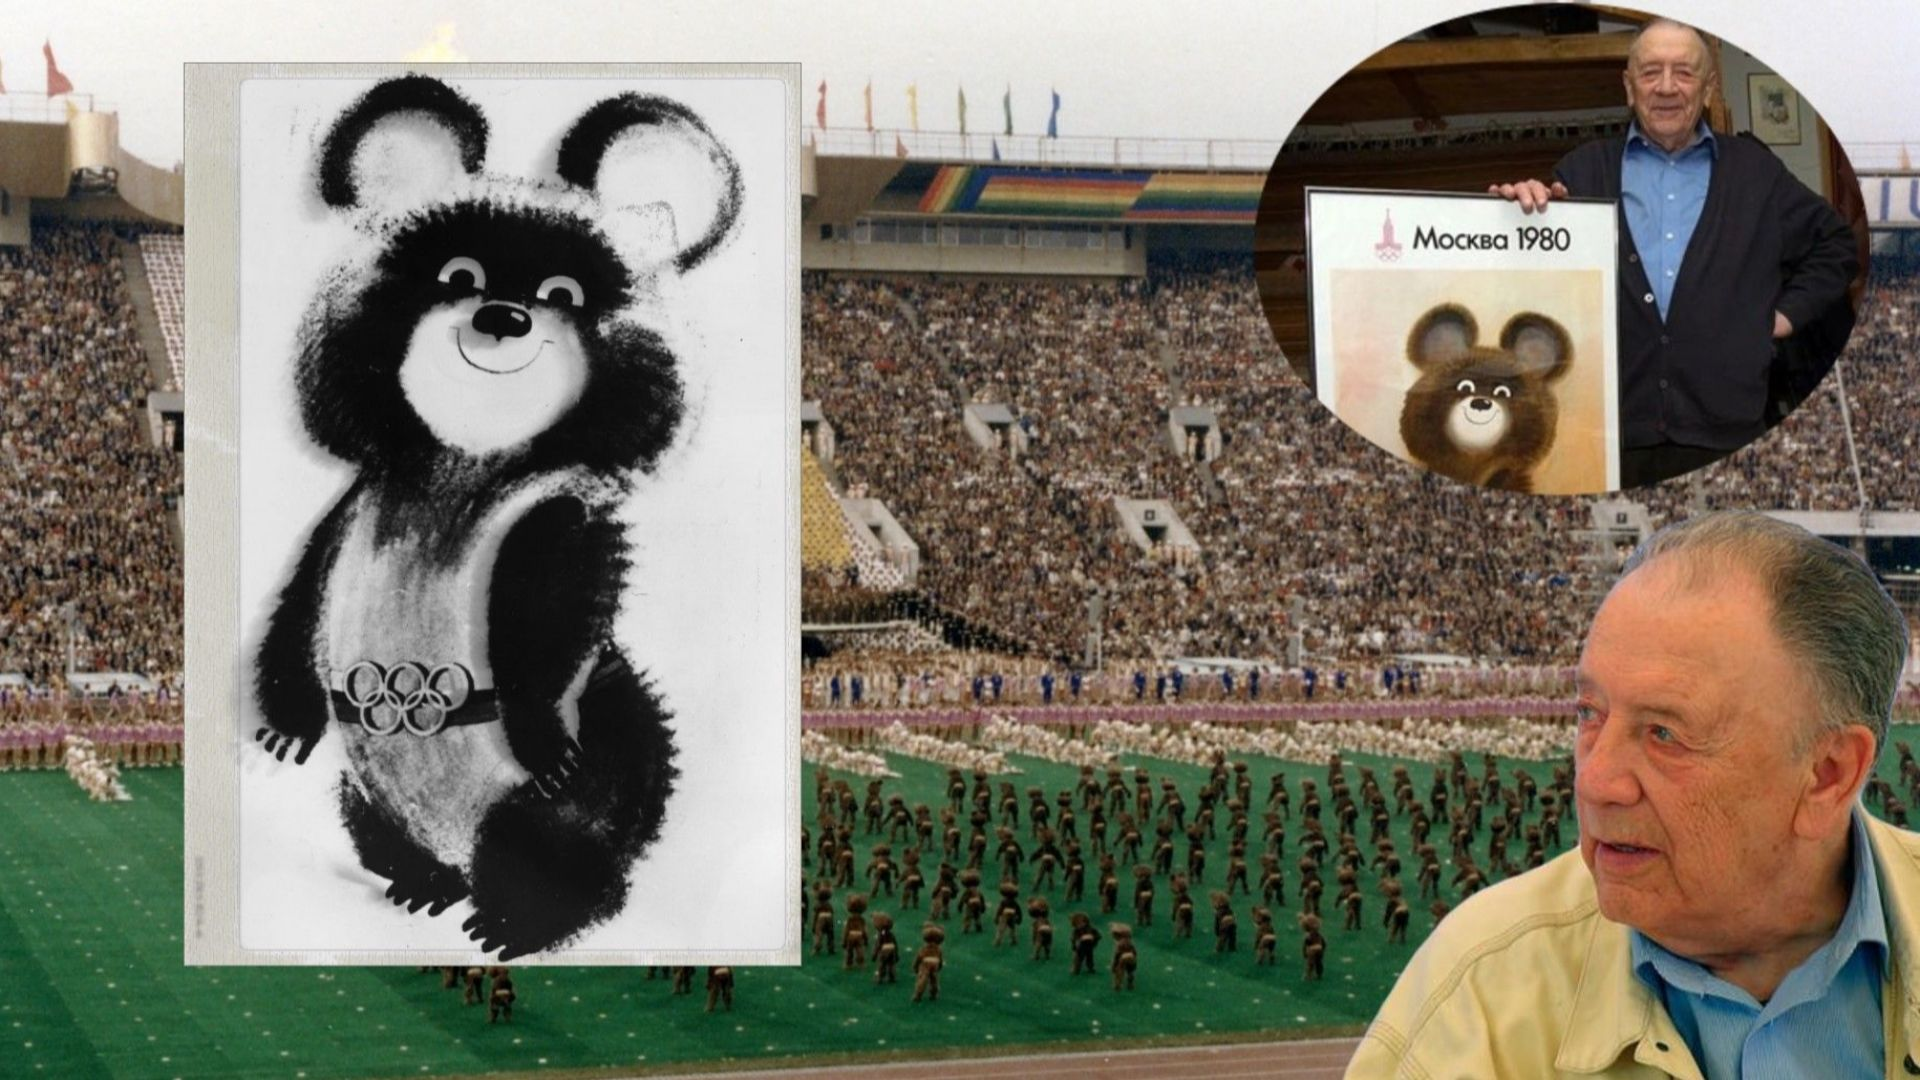 Почина човекът, създал култовия талисман Миша за Олимпиадата в Москва